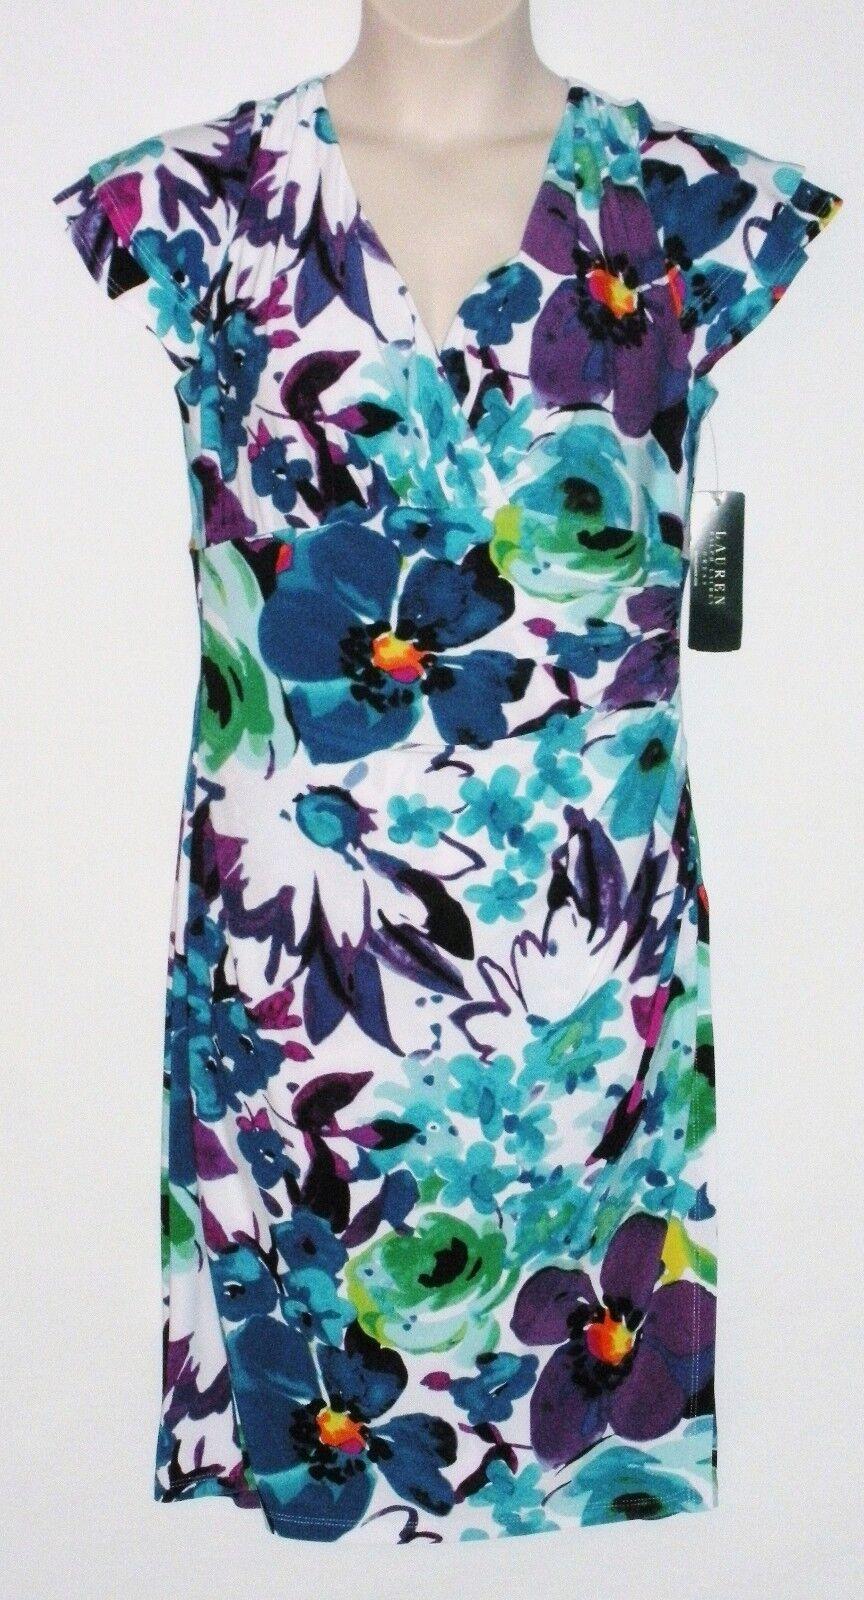 NWT LAUREN RALPH LAUREN Woherren Spring Floral Dress, Weiß Multi, Größe 4,